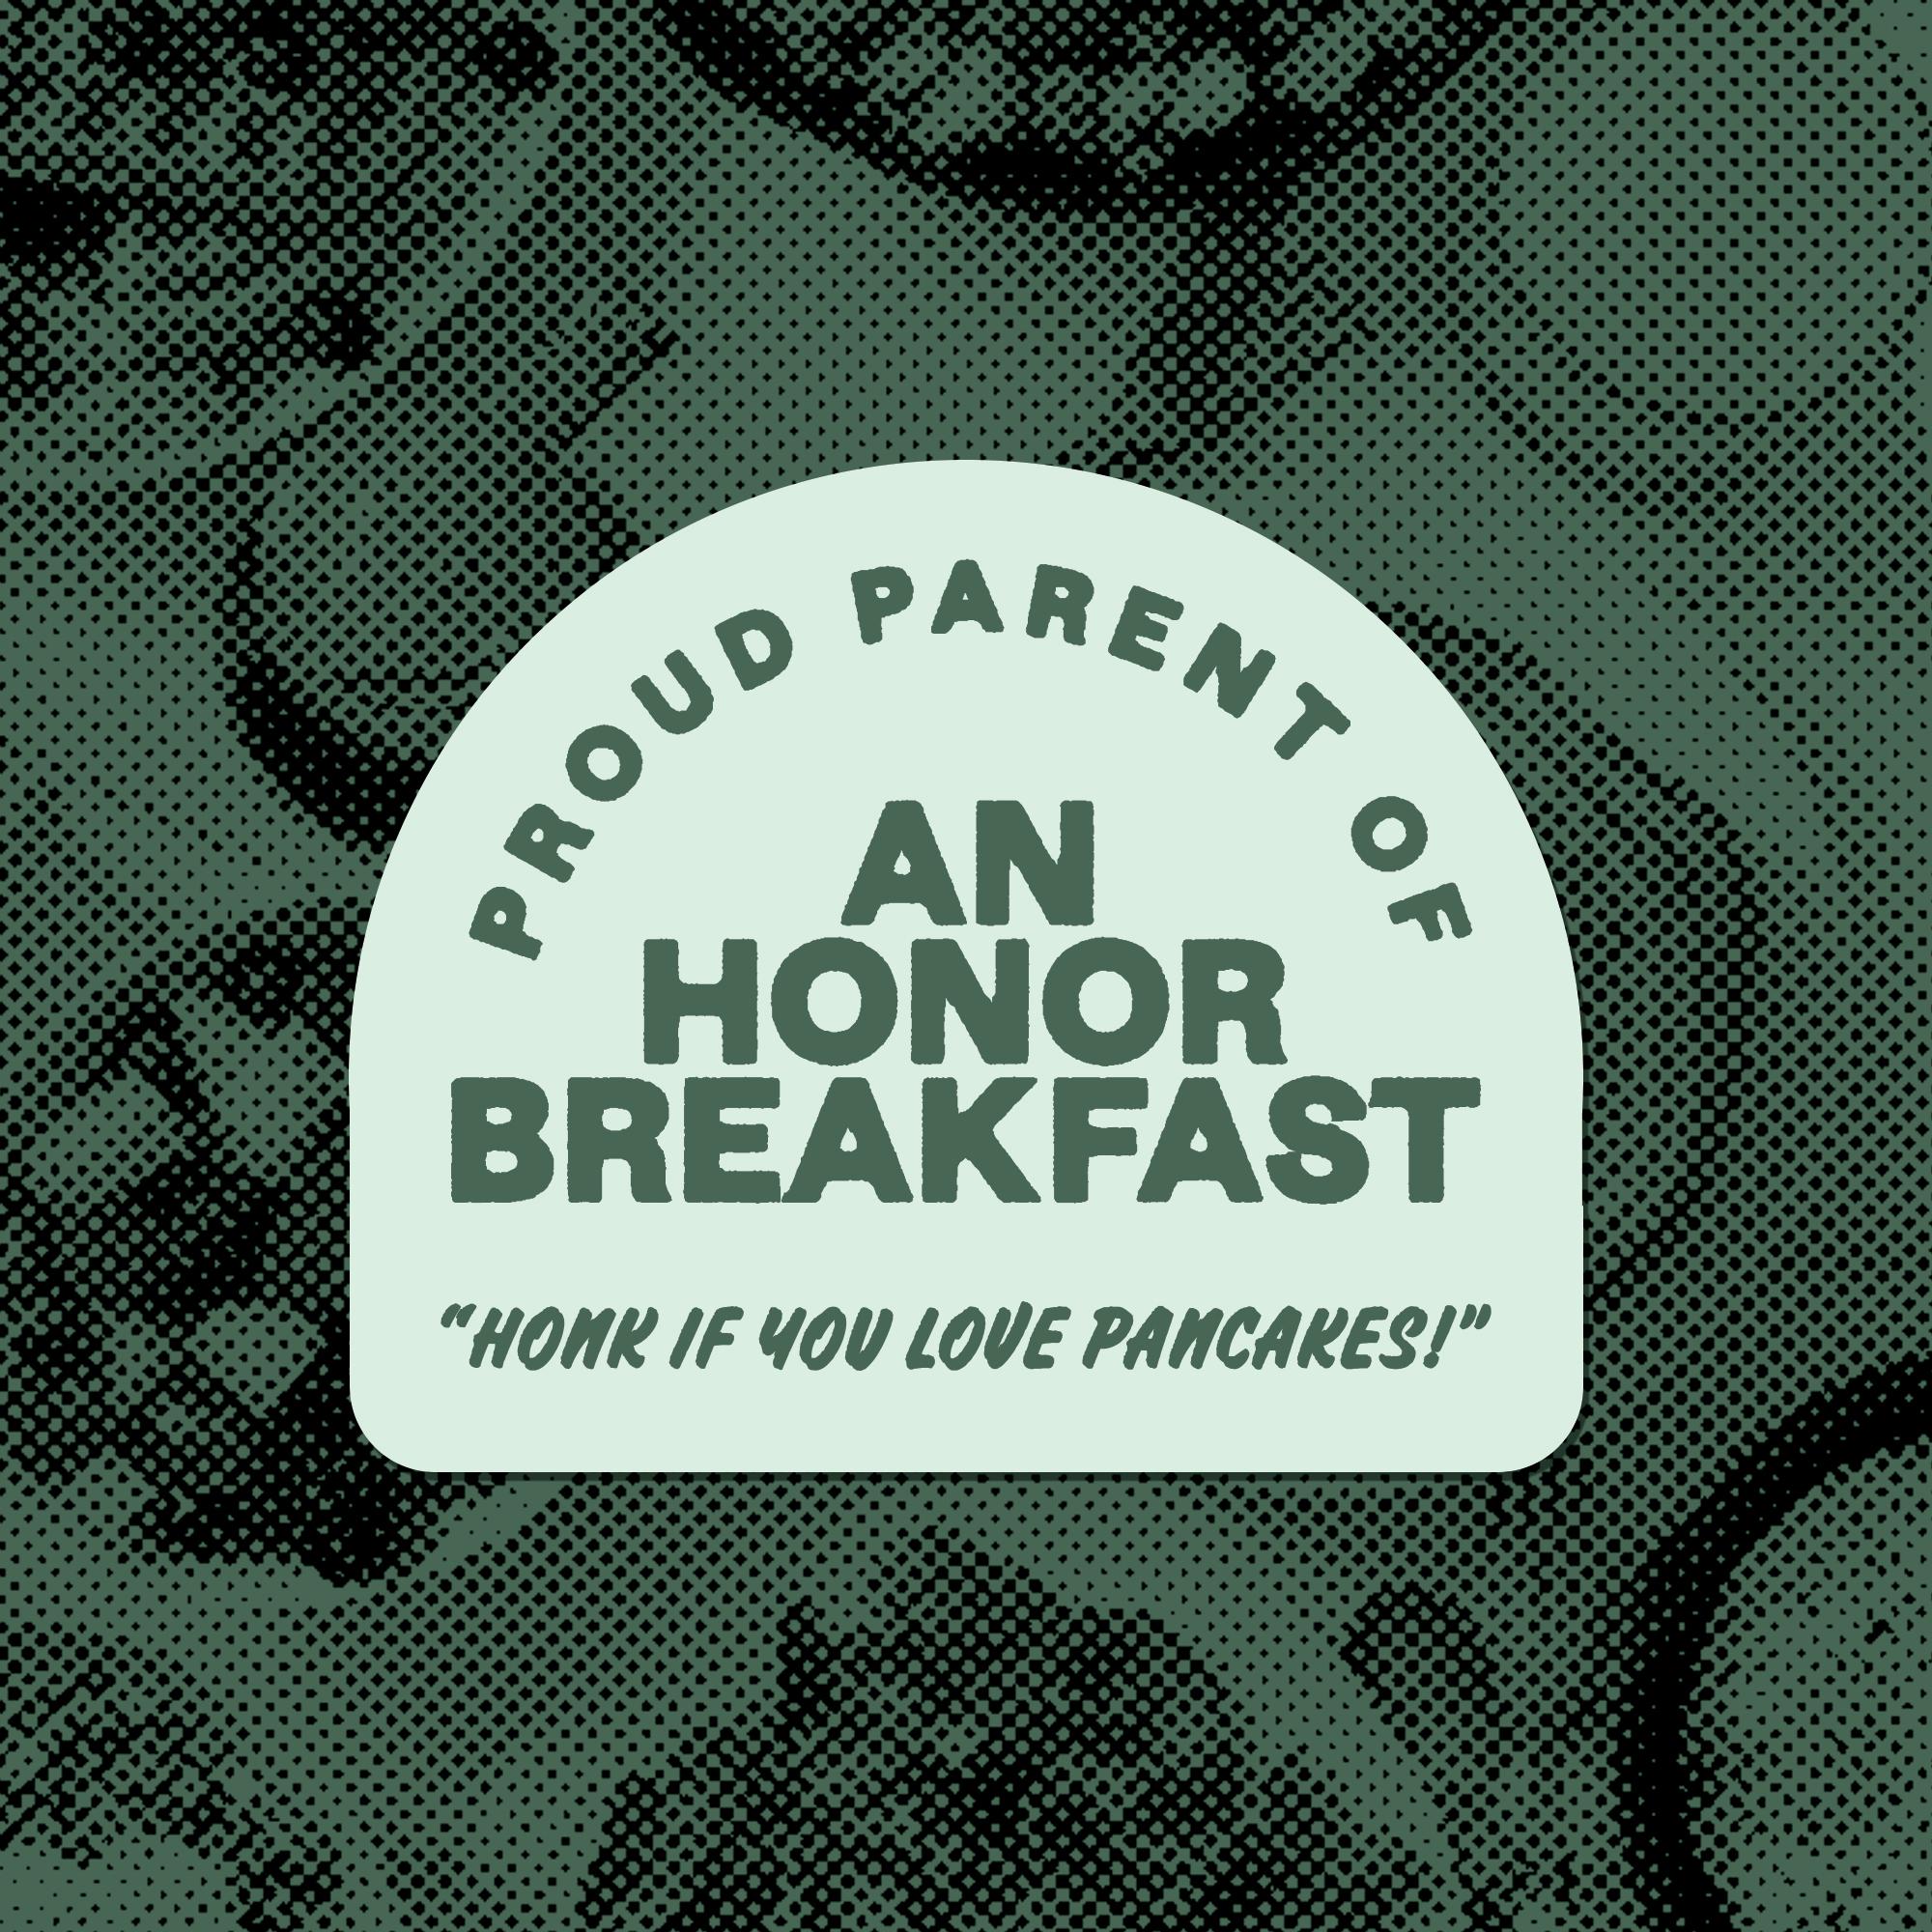 honorbreakfast.jpg